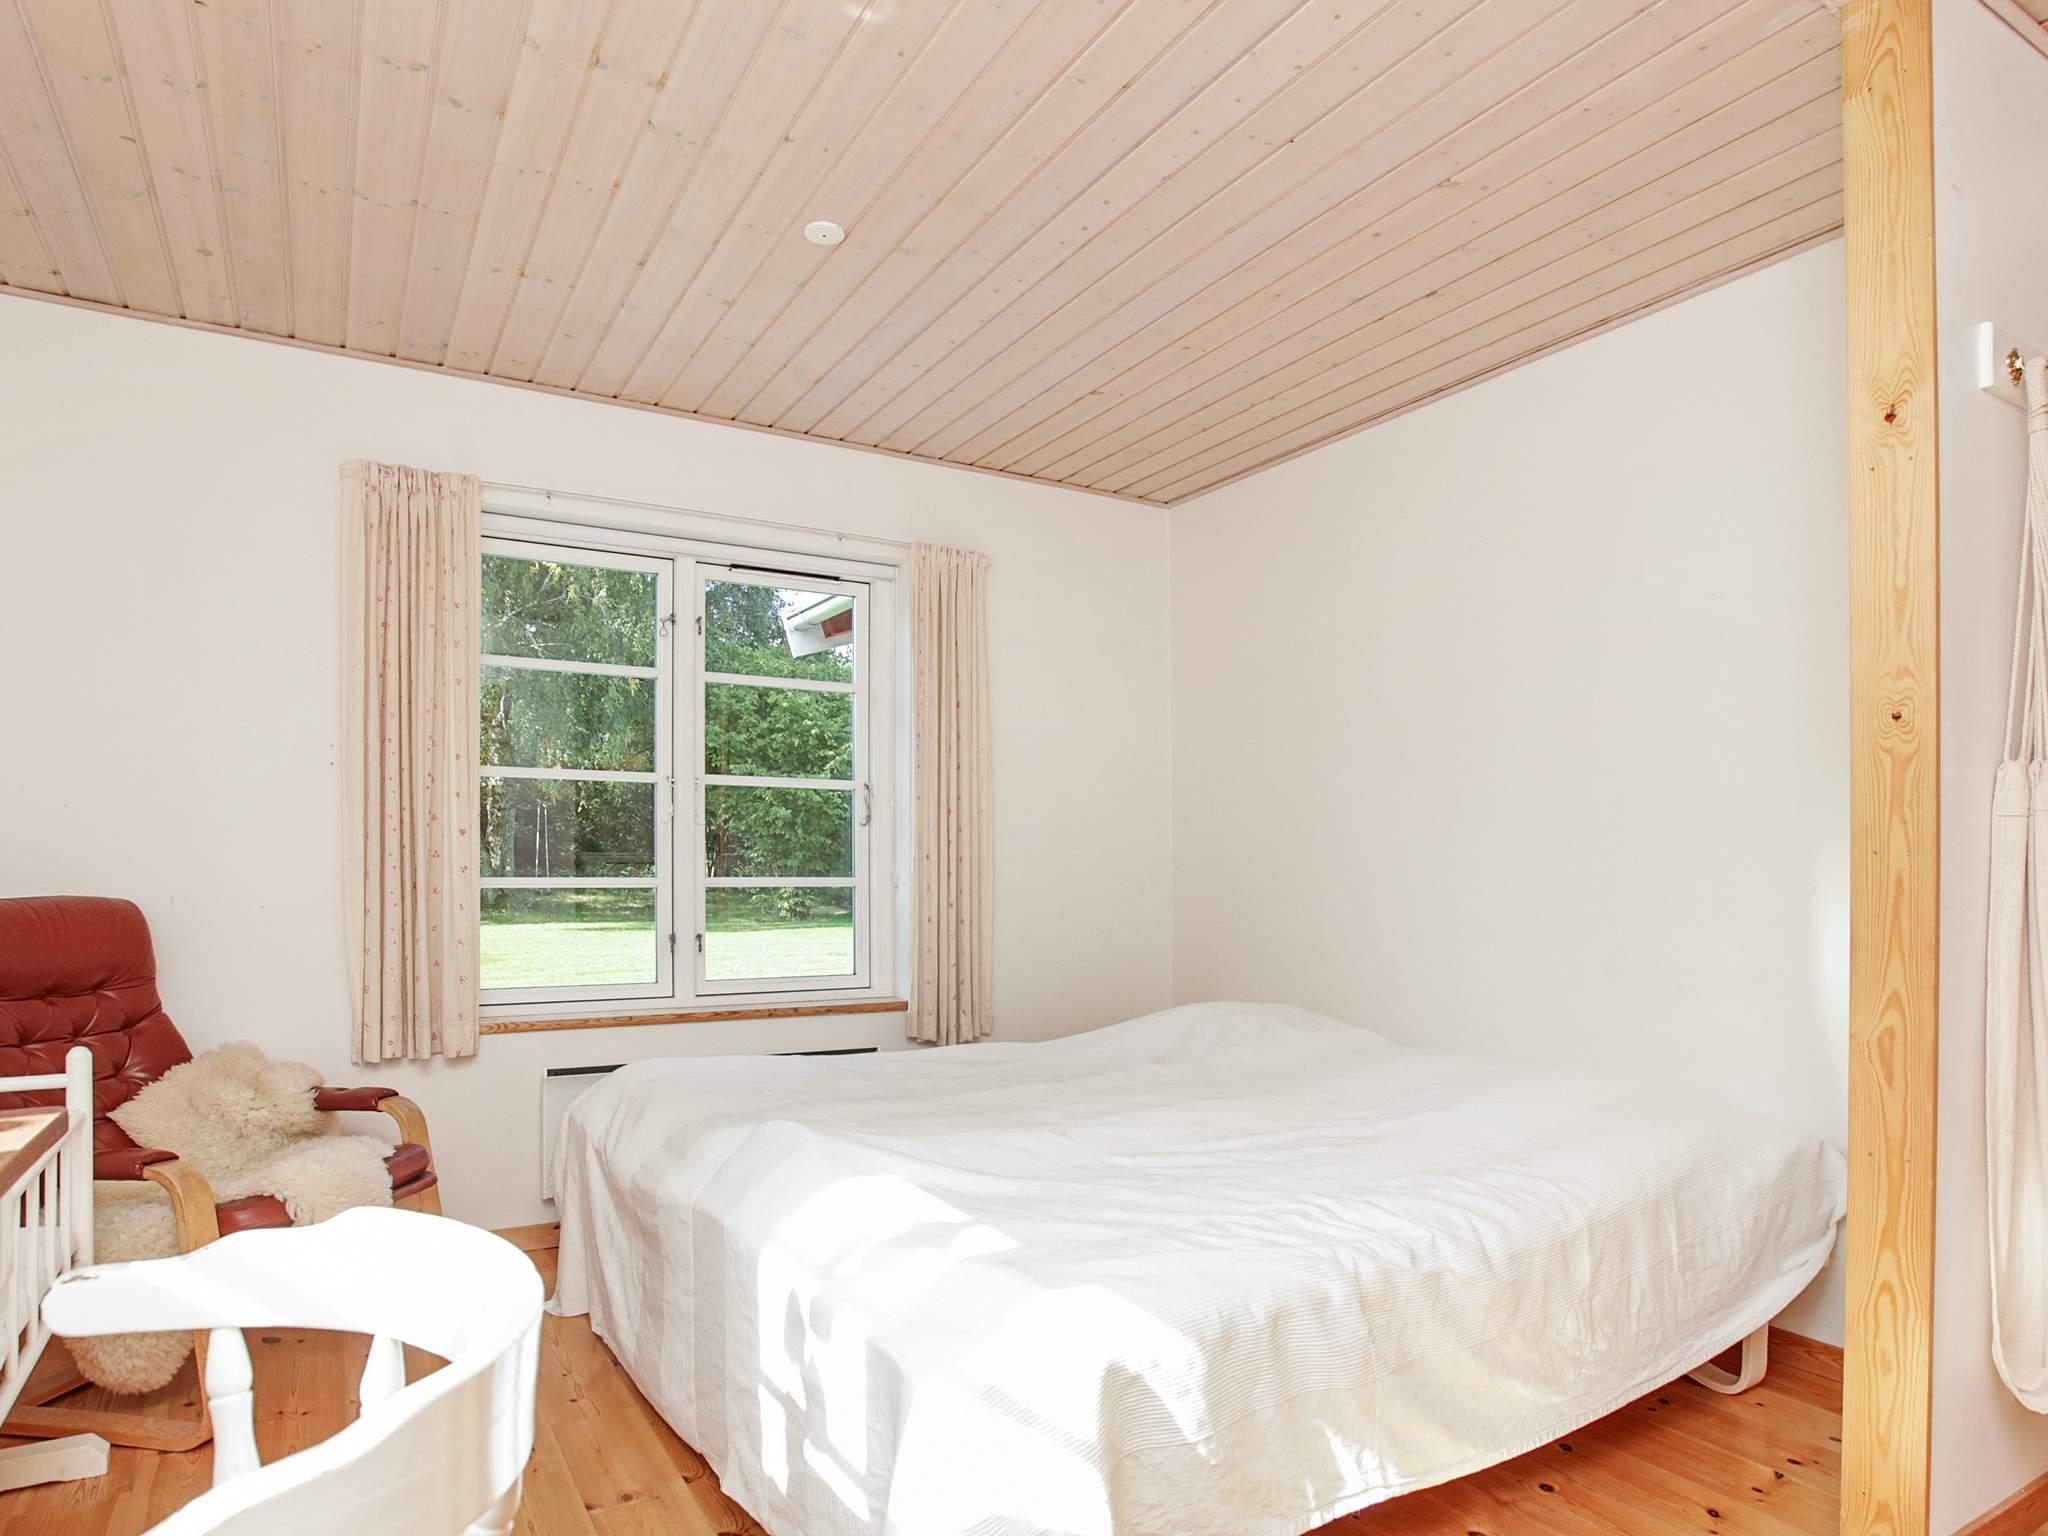 Ferienhaus Kulhuse (2461189), Kulhuse, , Nordseeland, Dänemark, Bild 9